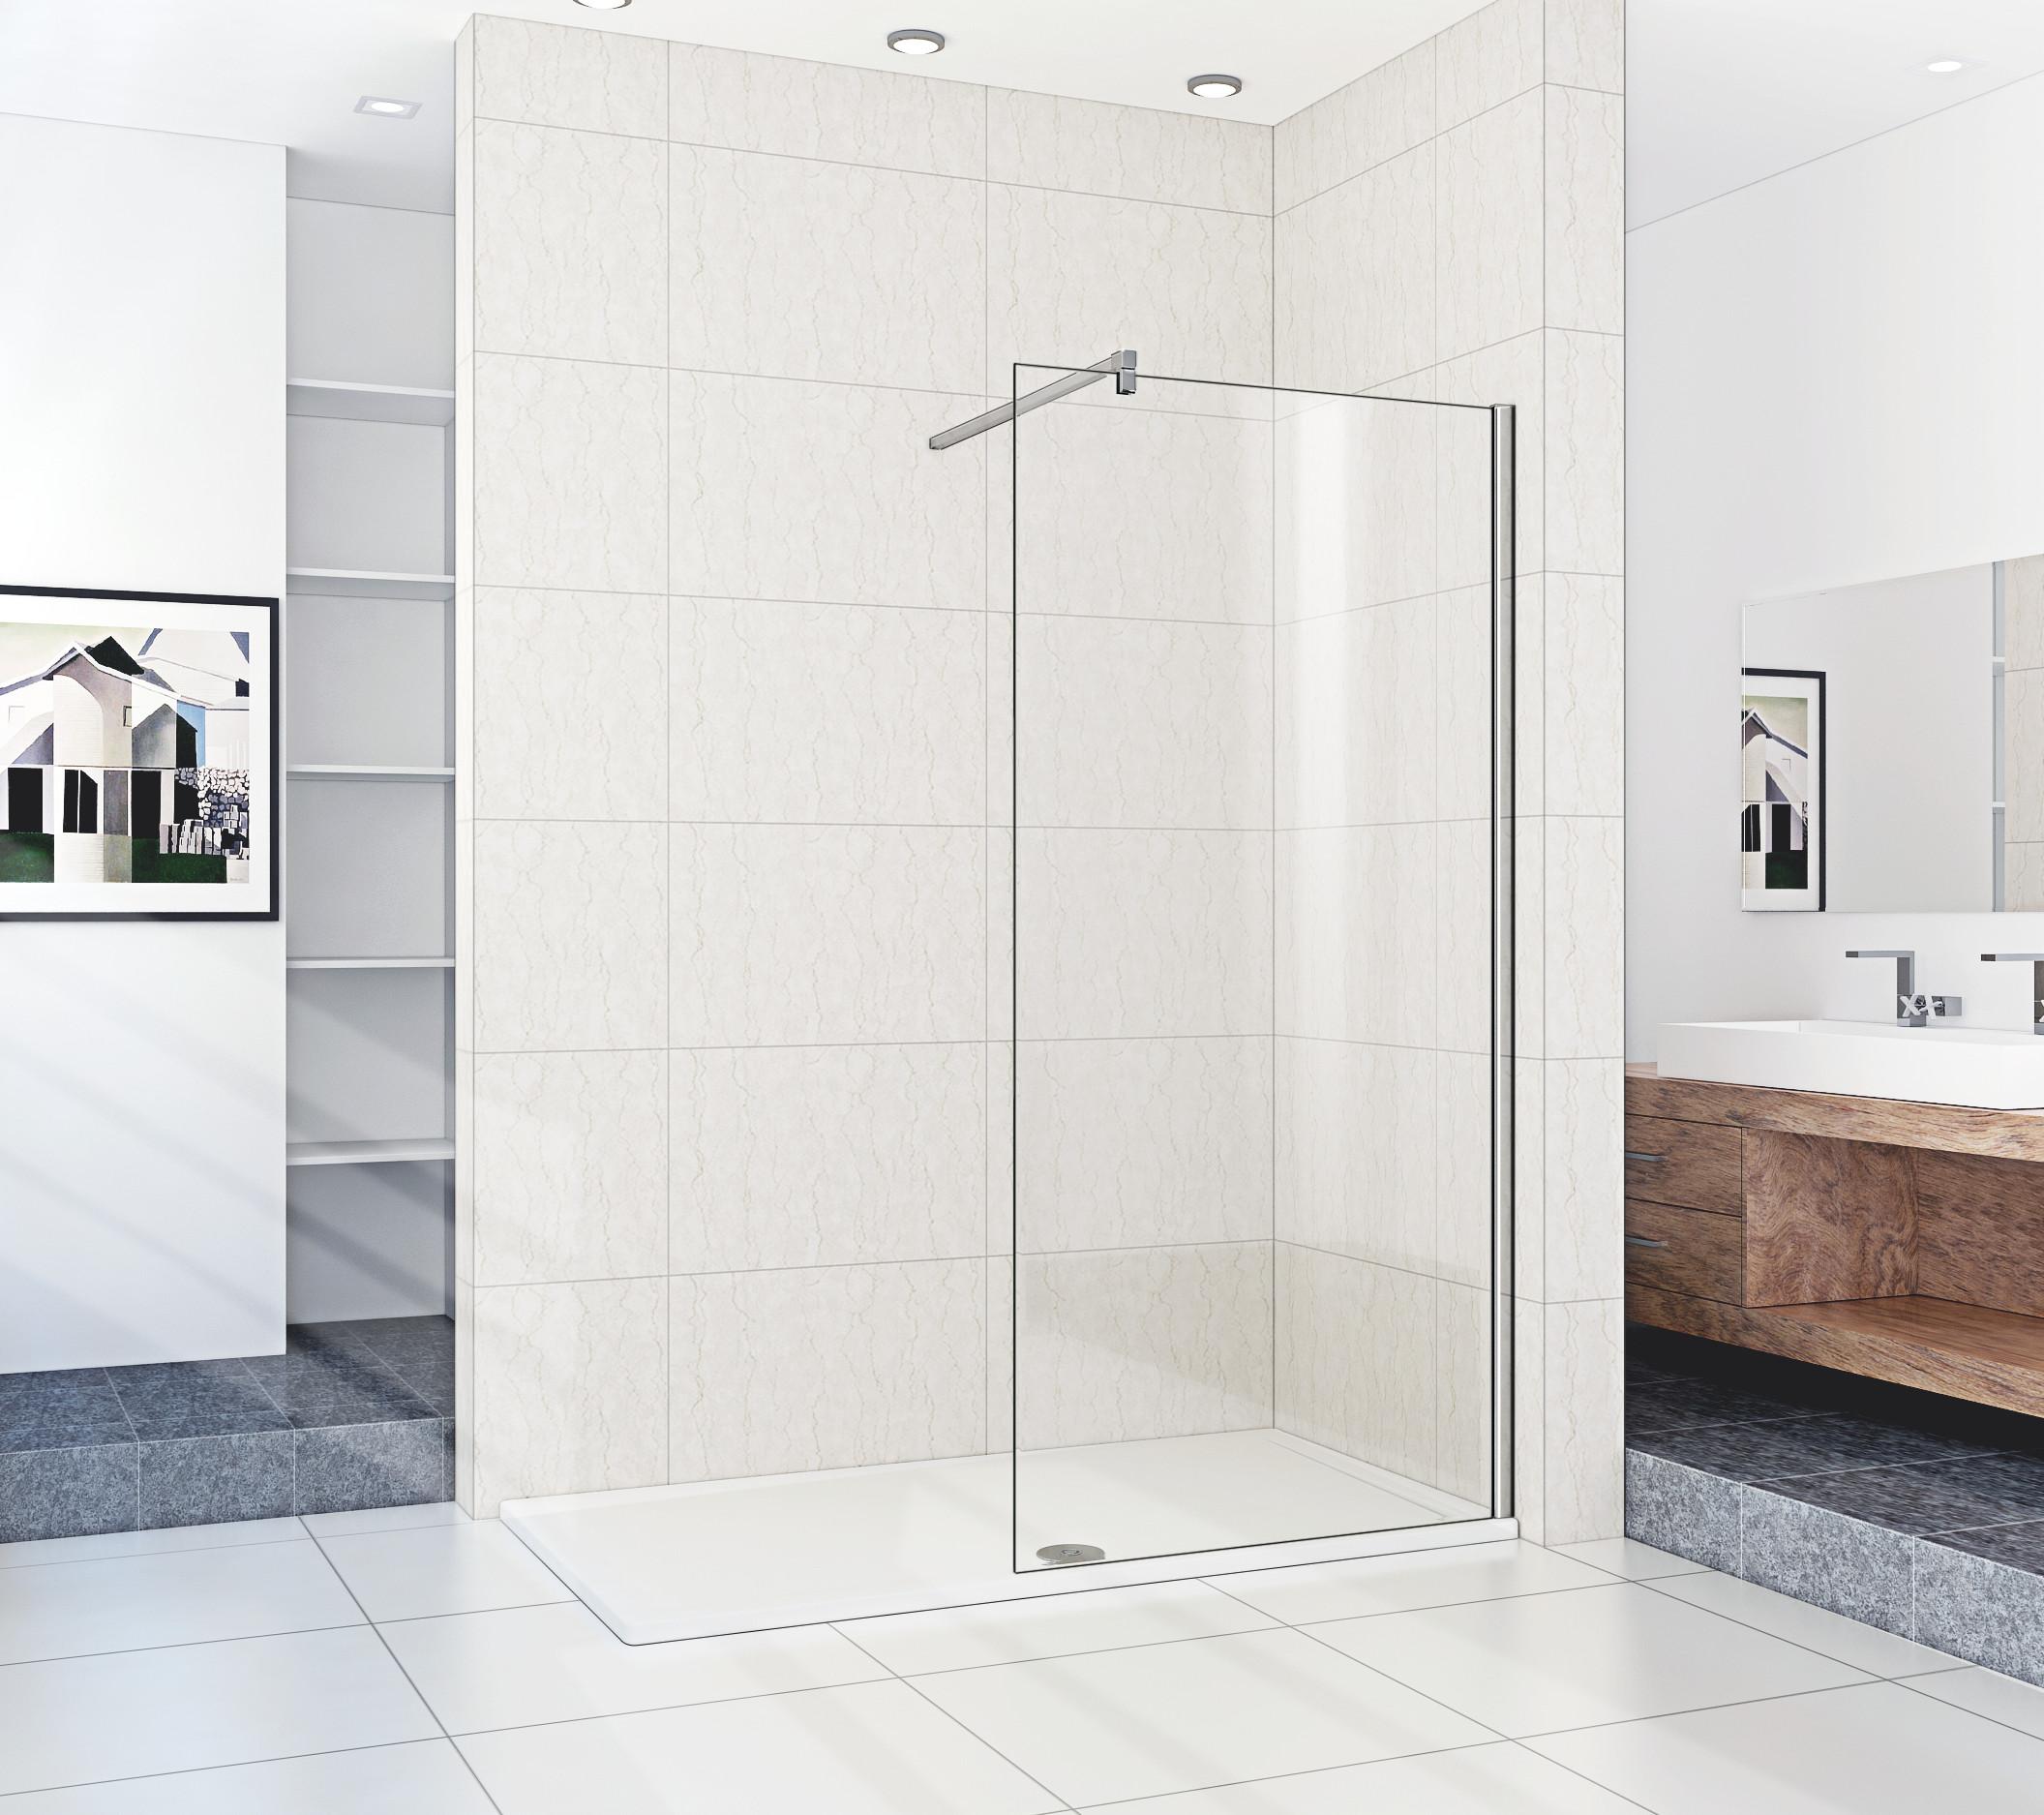 New wet room walk in shower enclosure glass screen door Shower glass panel